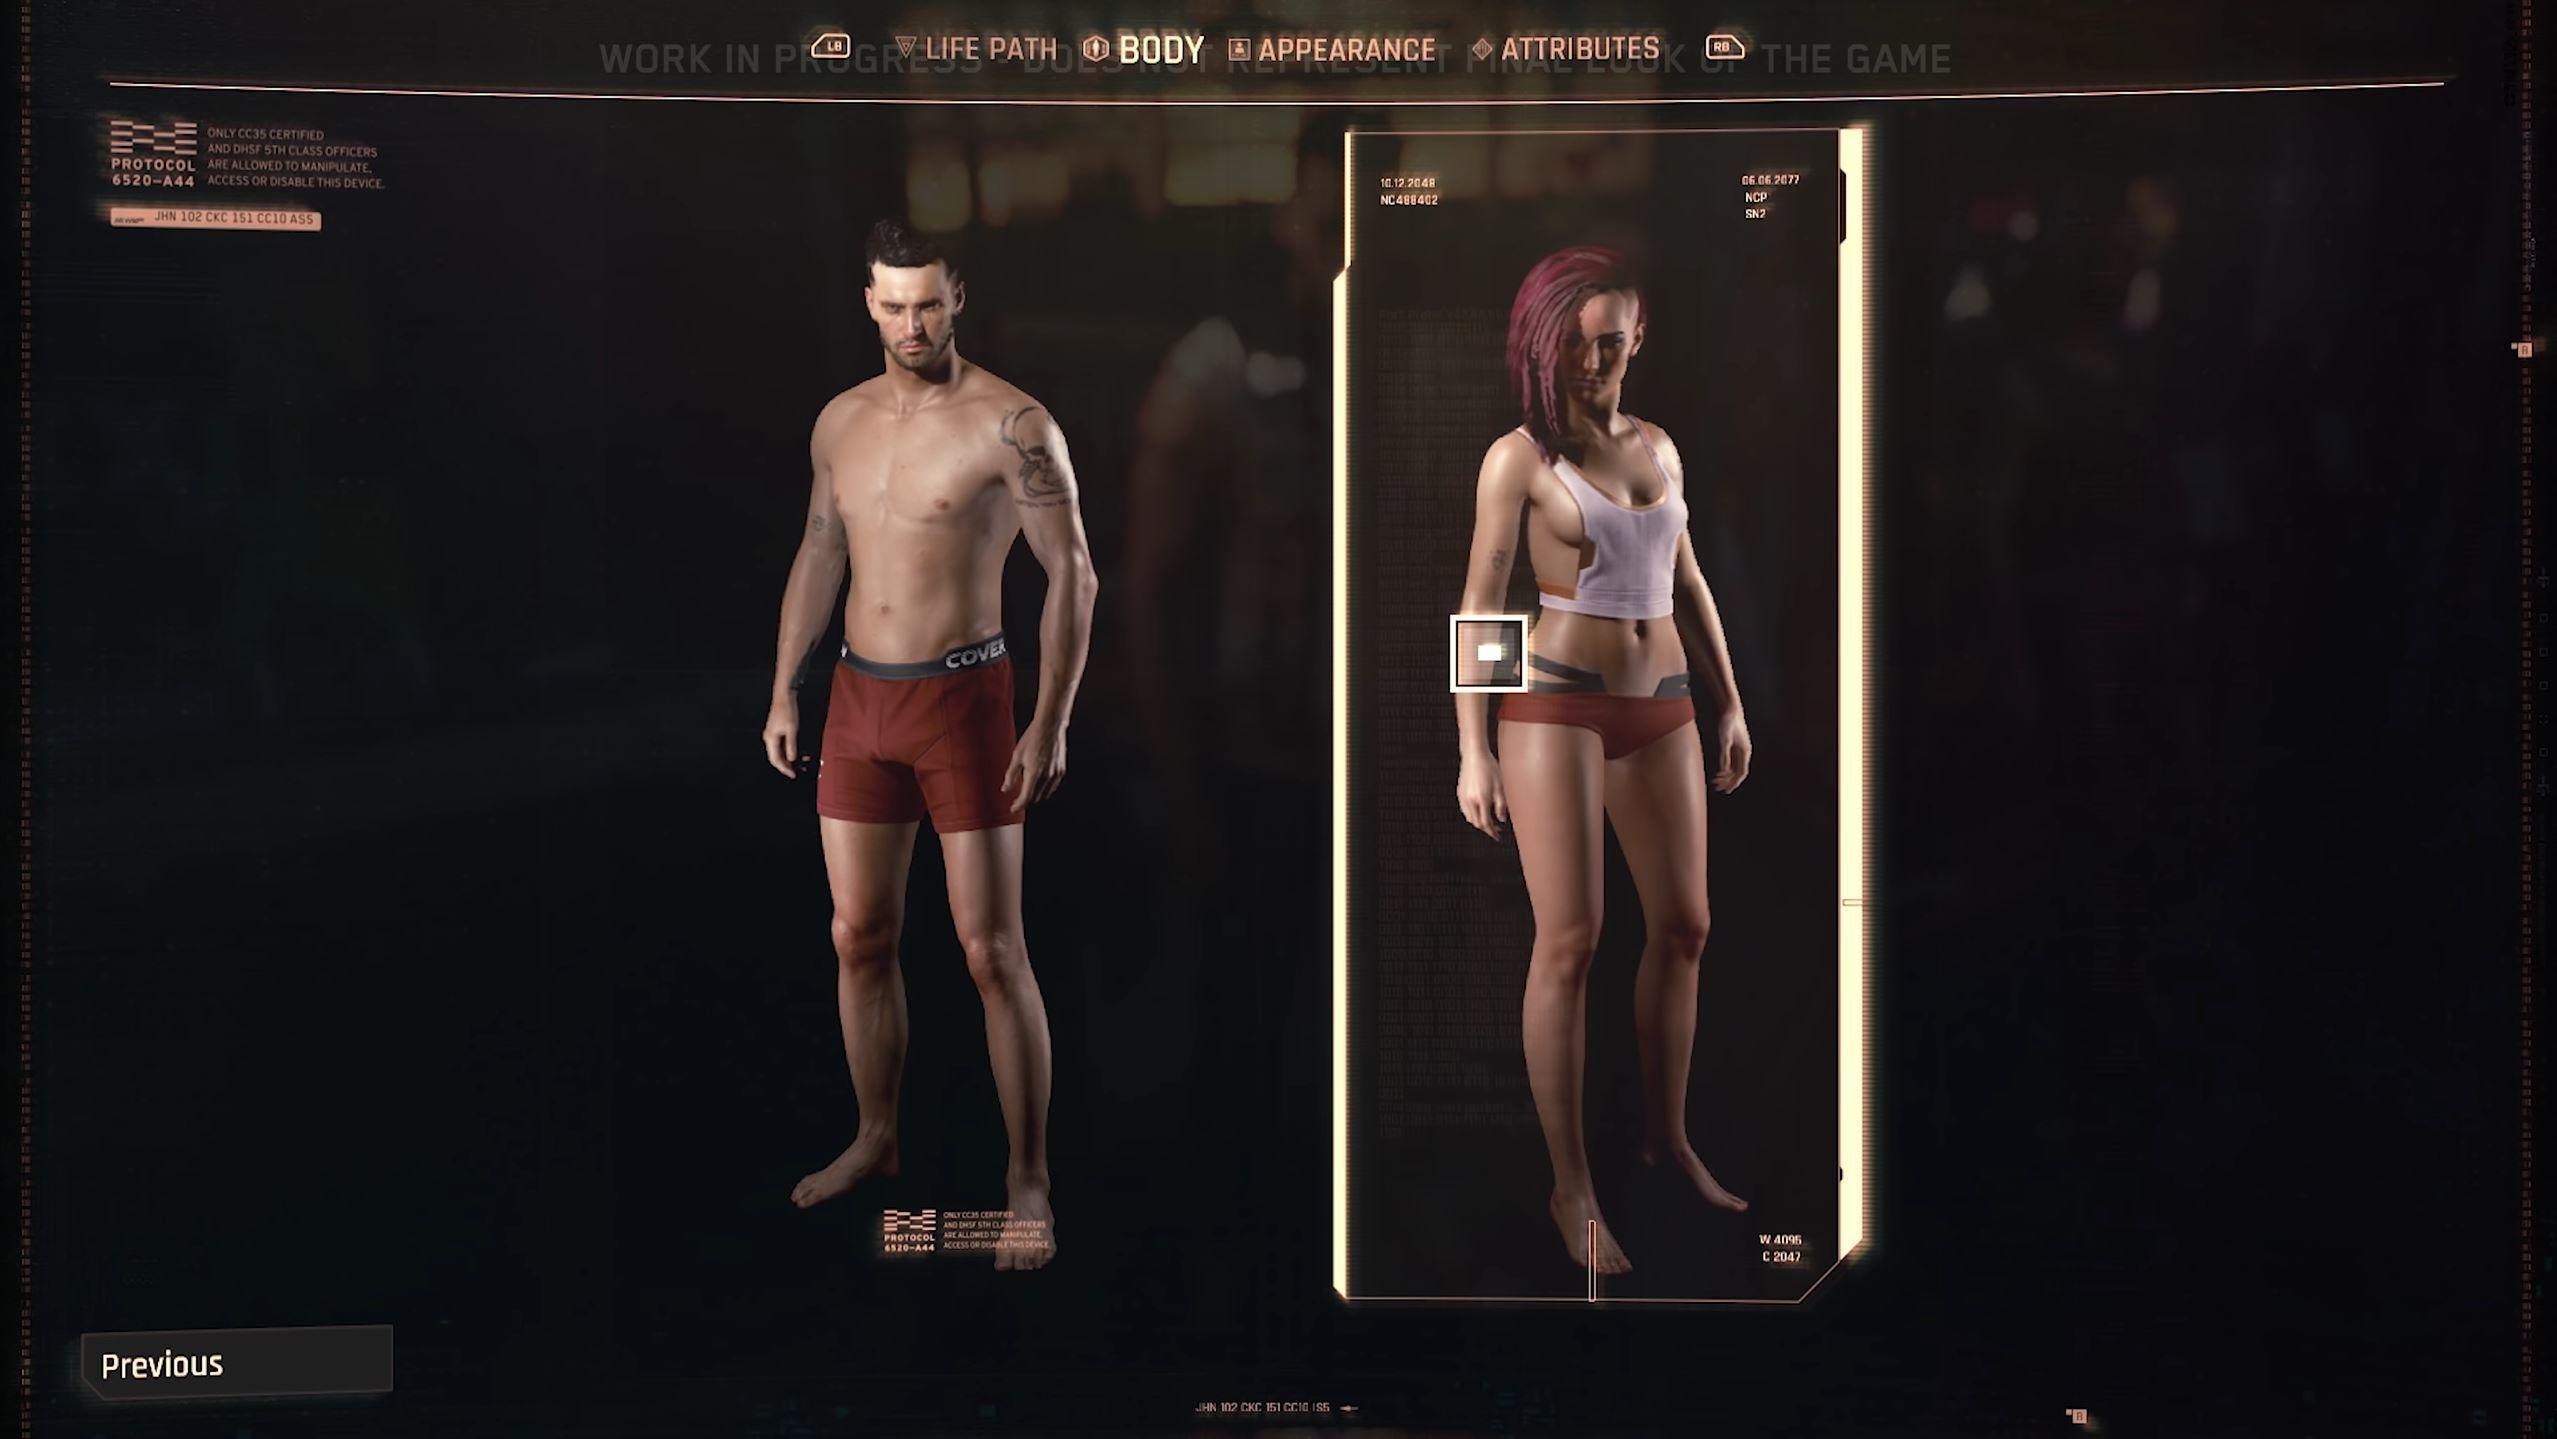 Незнакомка с сюрпризом: Cyberpunk 2077 позволит комбинировать половые органы и предложит сцены орального секса - Beltion